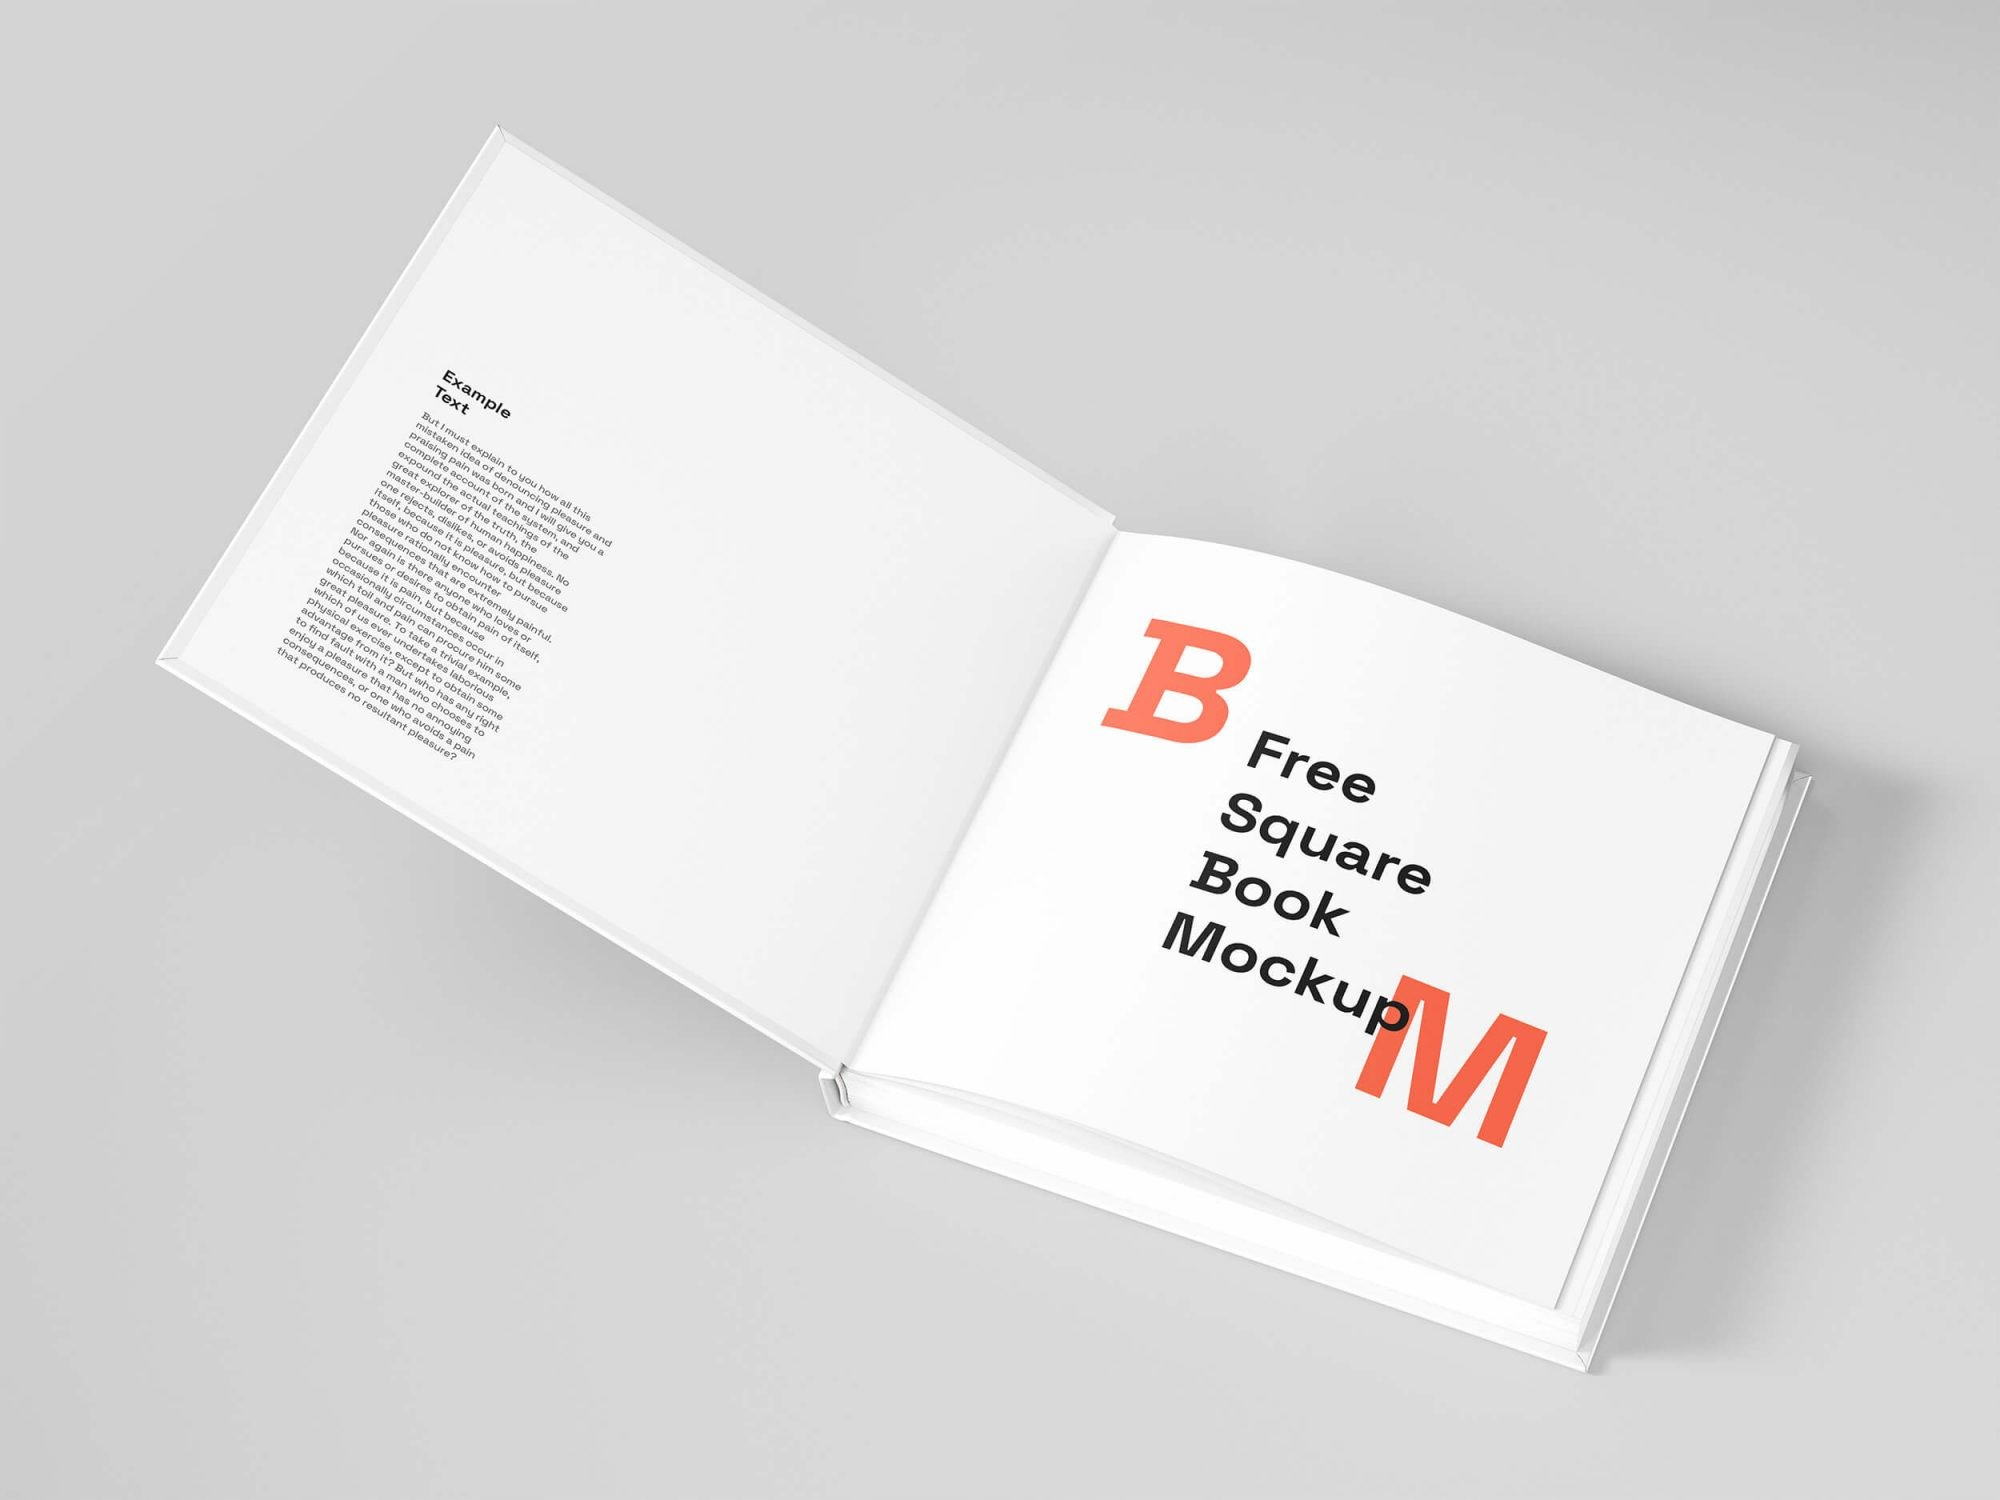 Free Open Square Book Mockup